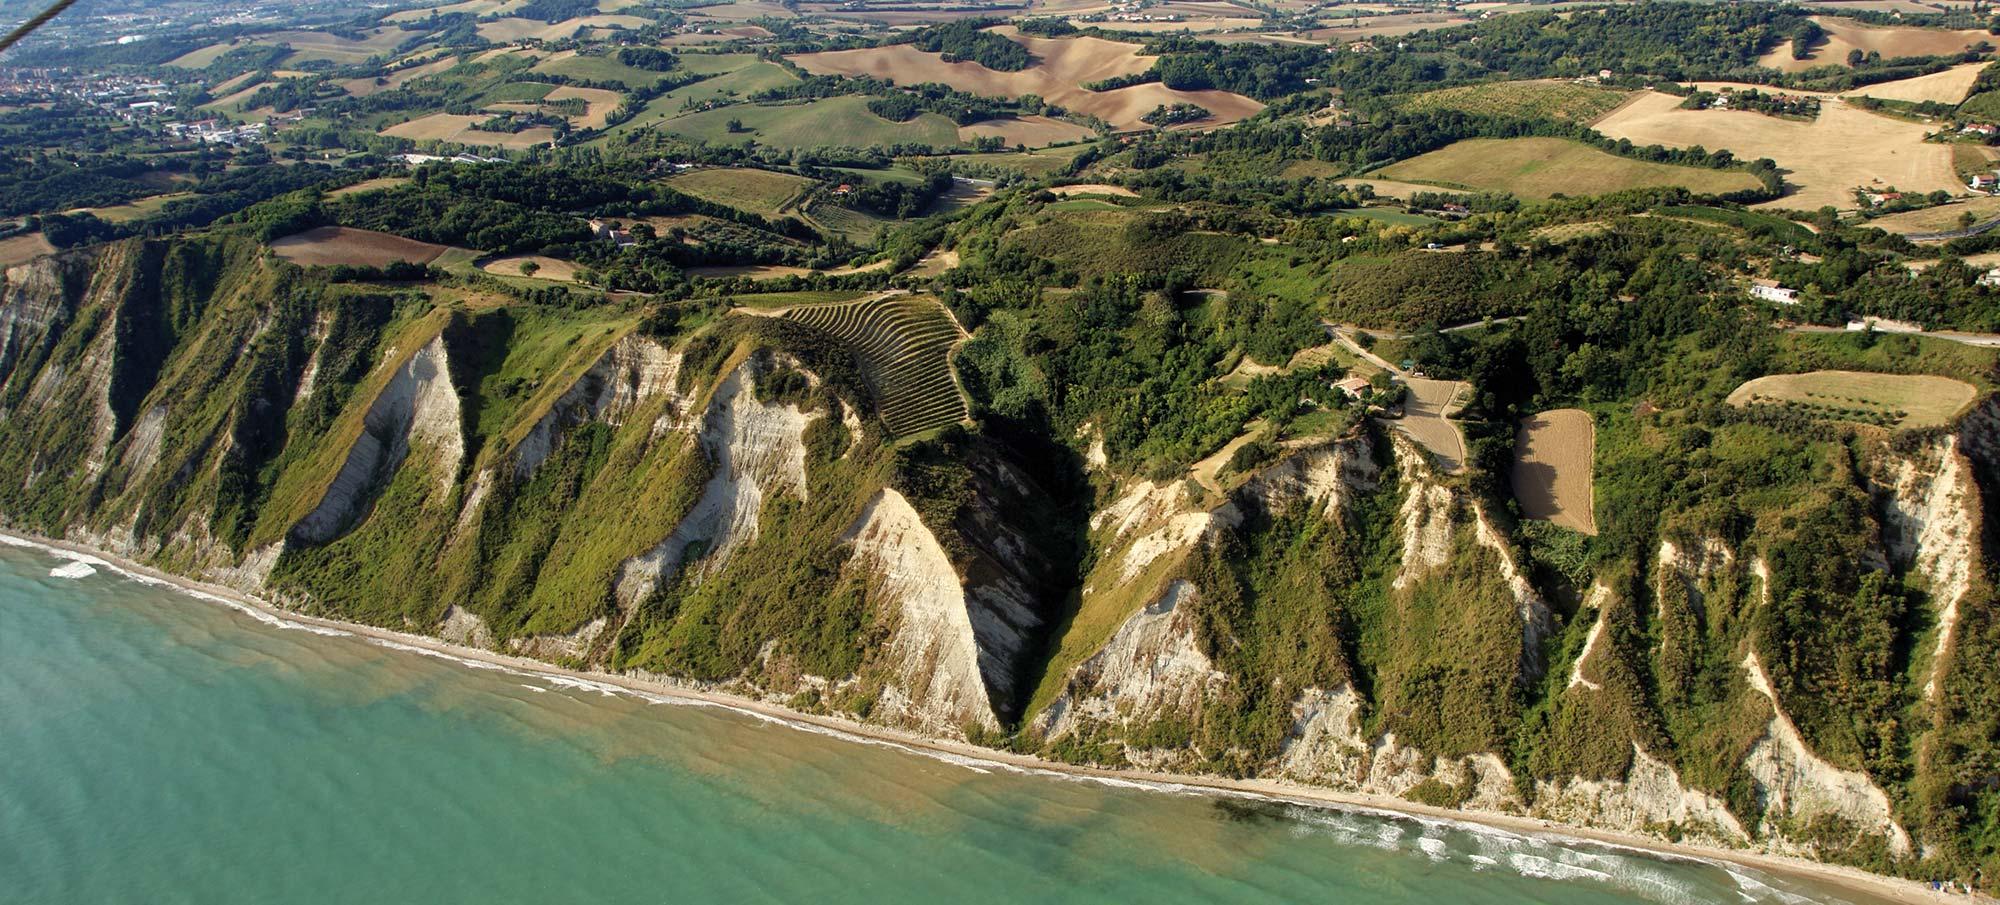 Scorcio della costa adriatica